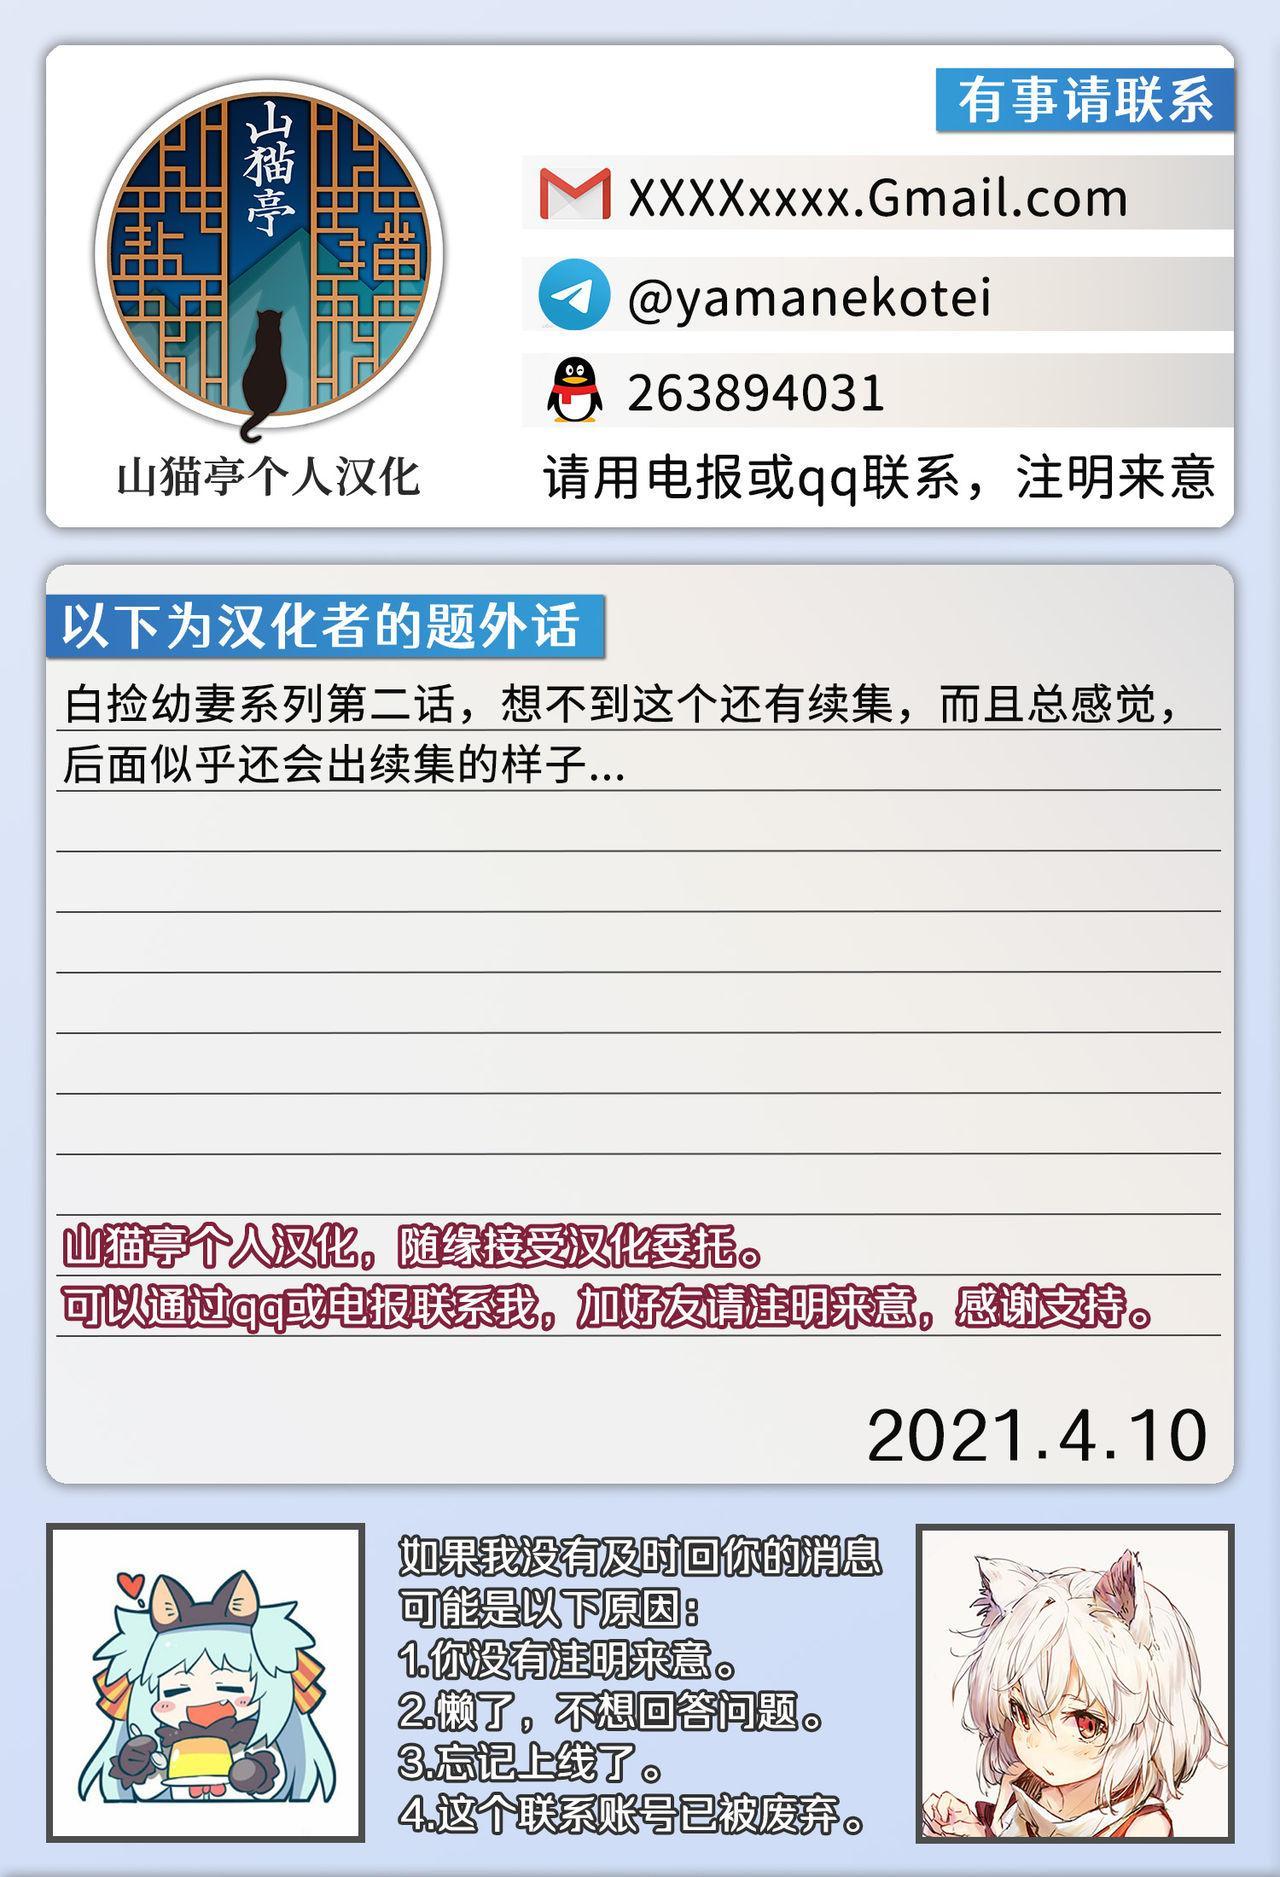 Yowai 200 Chai Okitsune-chan to Oshidori Fuufu Seikatsu. Ch. 2 | 和200岁小狐娘的鸳鸯夫妻生活 第二话 28